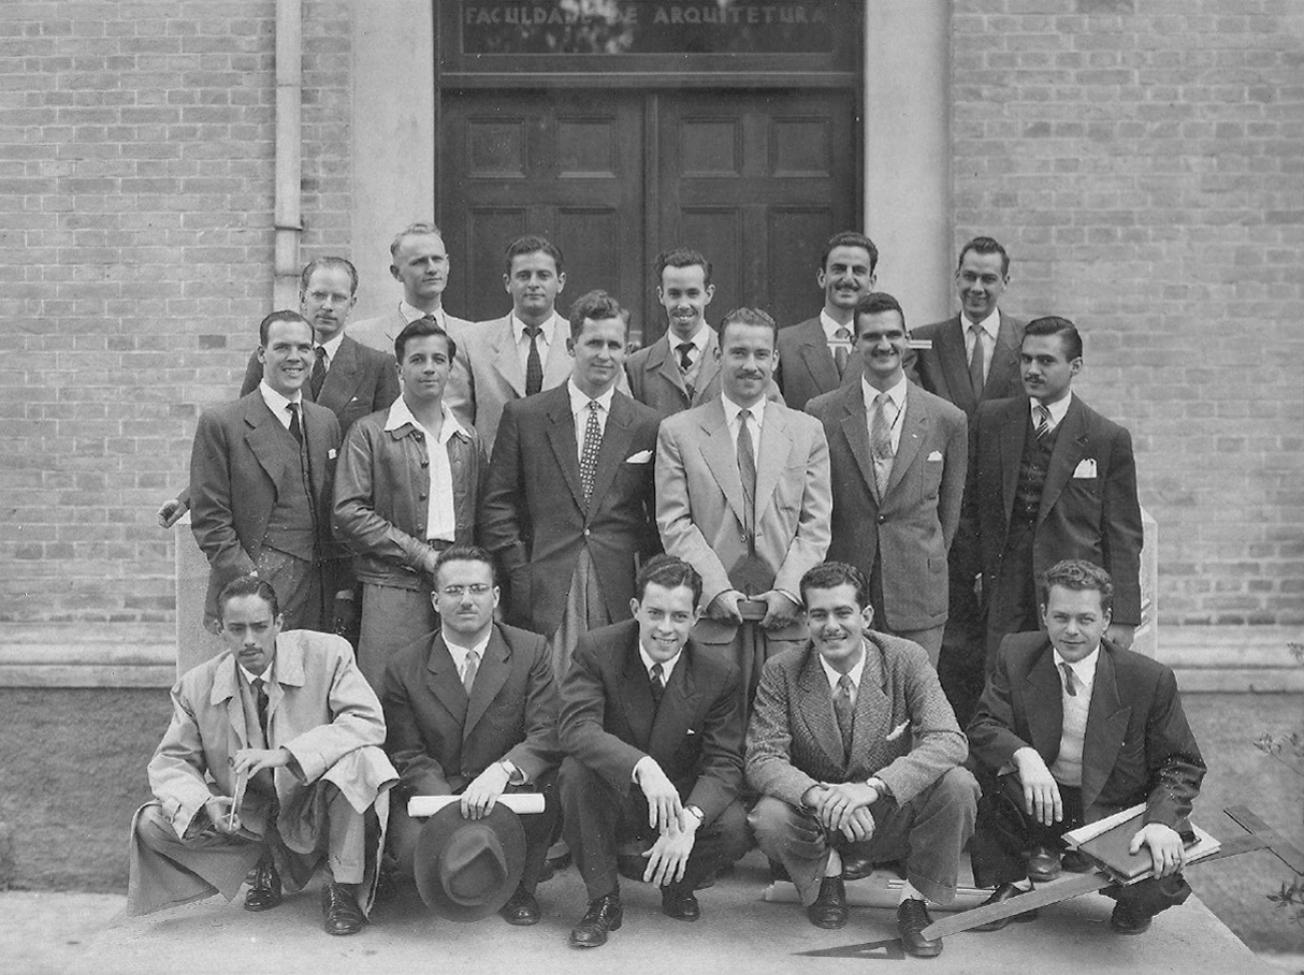 Formandos da Faculdade de Arquitetura Mackenzie